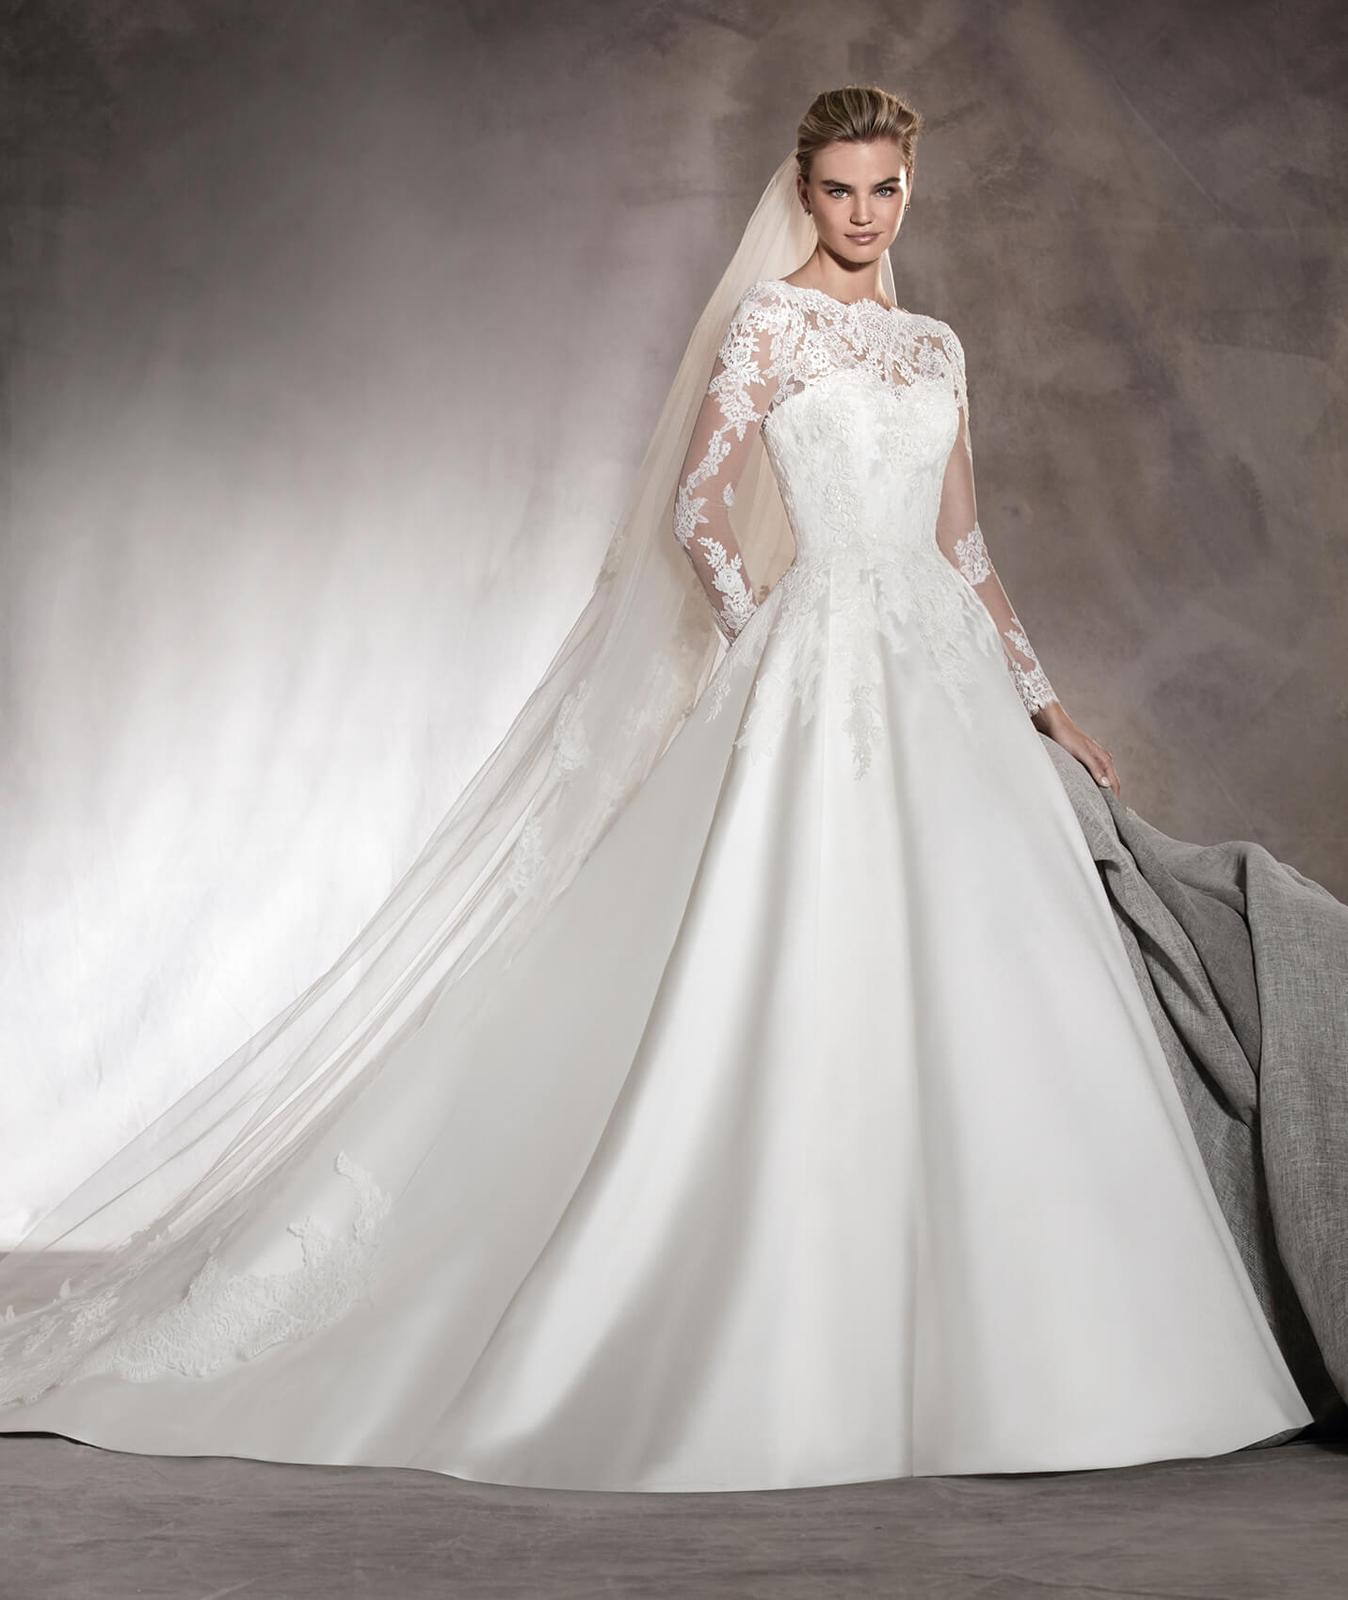 Šaty - Obrázek č. 346